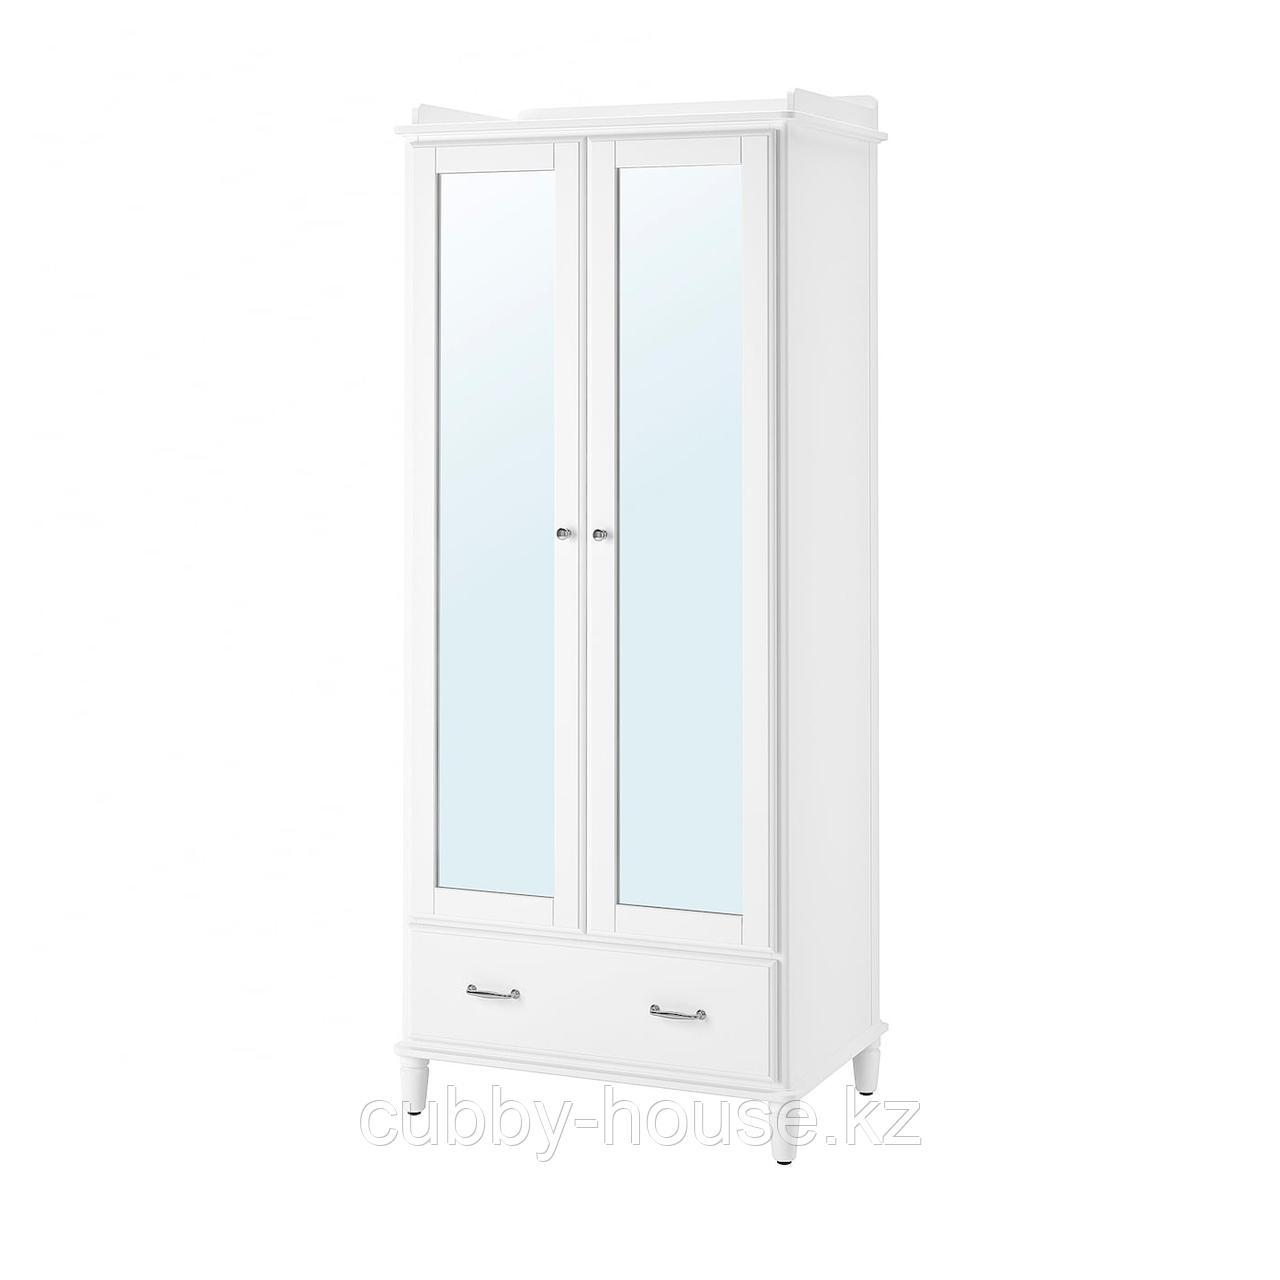 ТИССЕДАЛЬ Шкаф платяной, белый, зеркальное стекло, 88x58x208 см